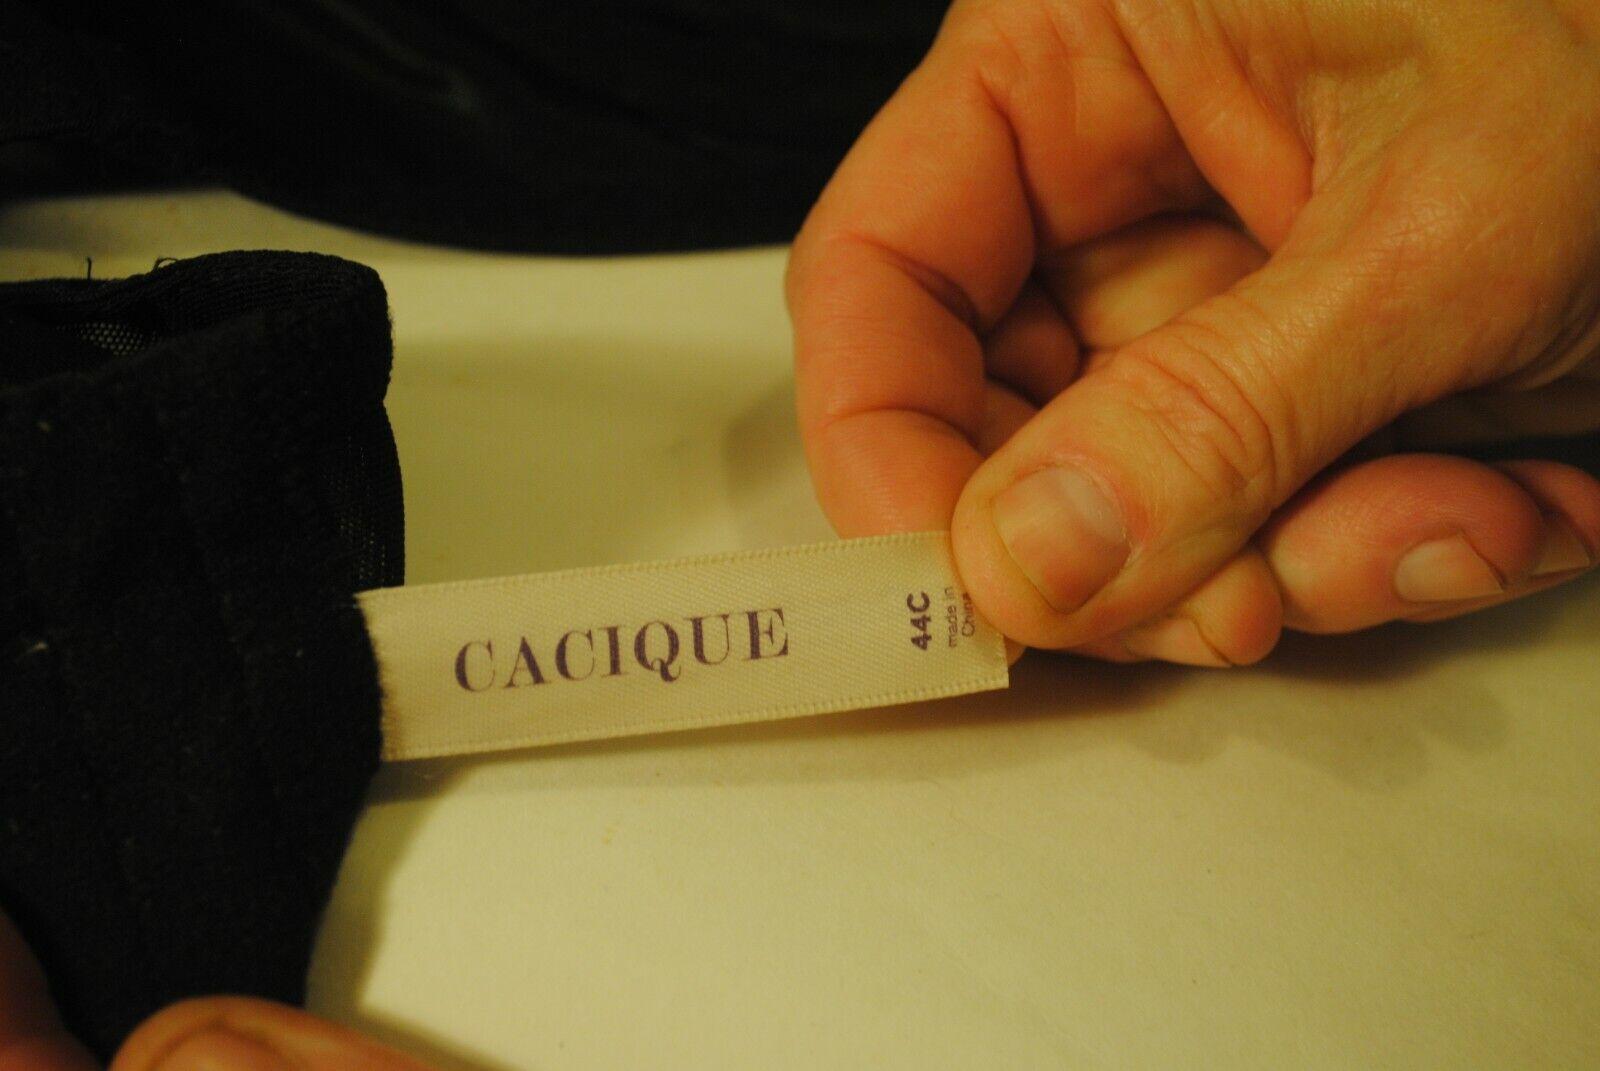 Cacique Brand 44C Black Ladies Brassiere - image 7